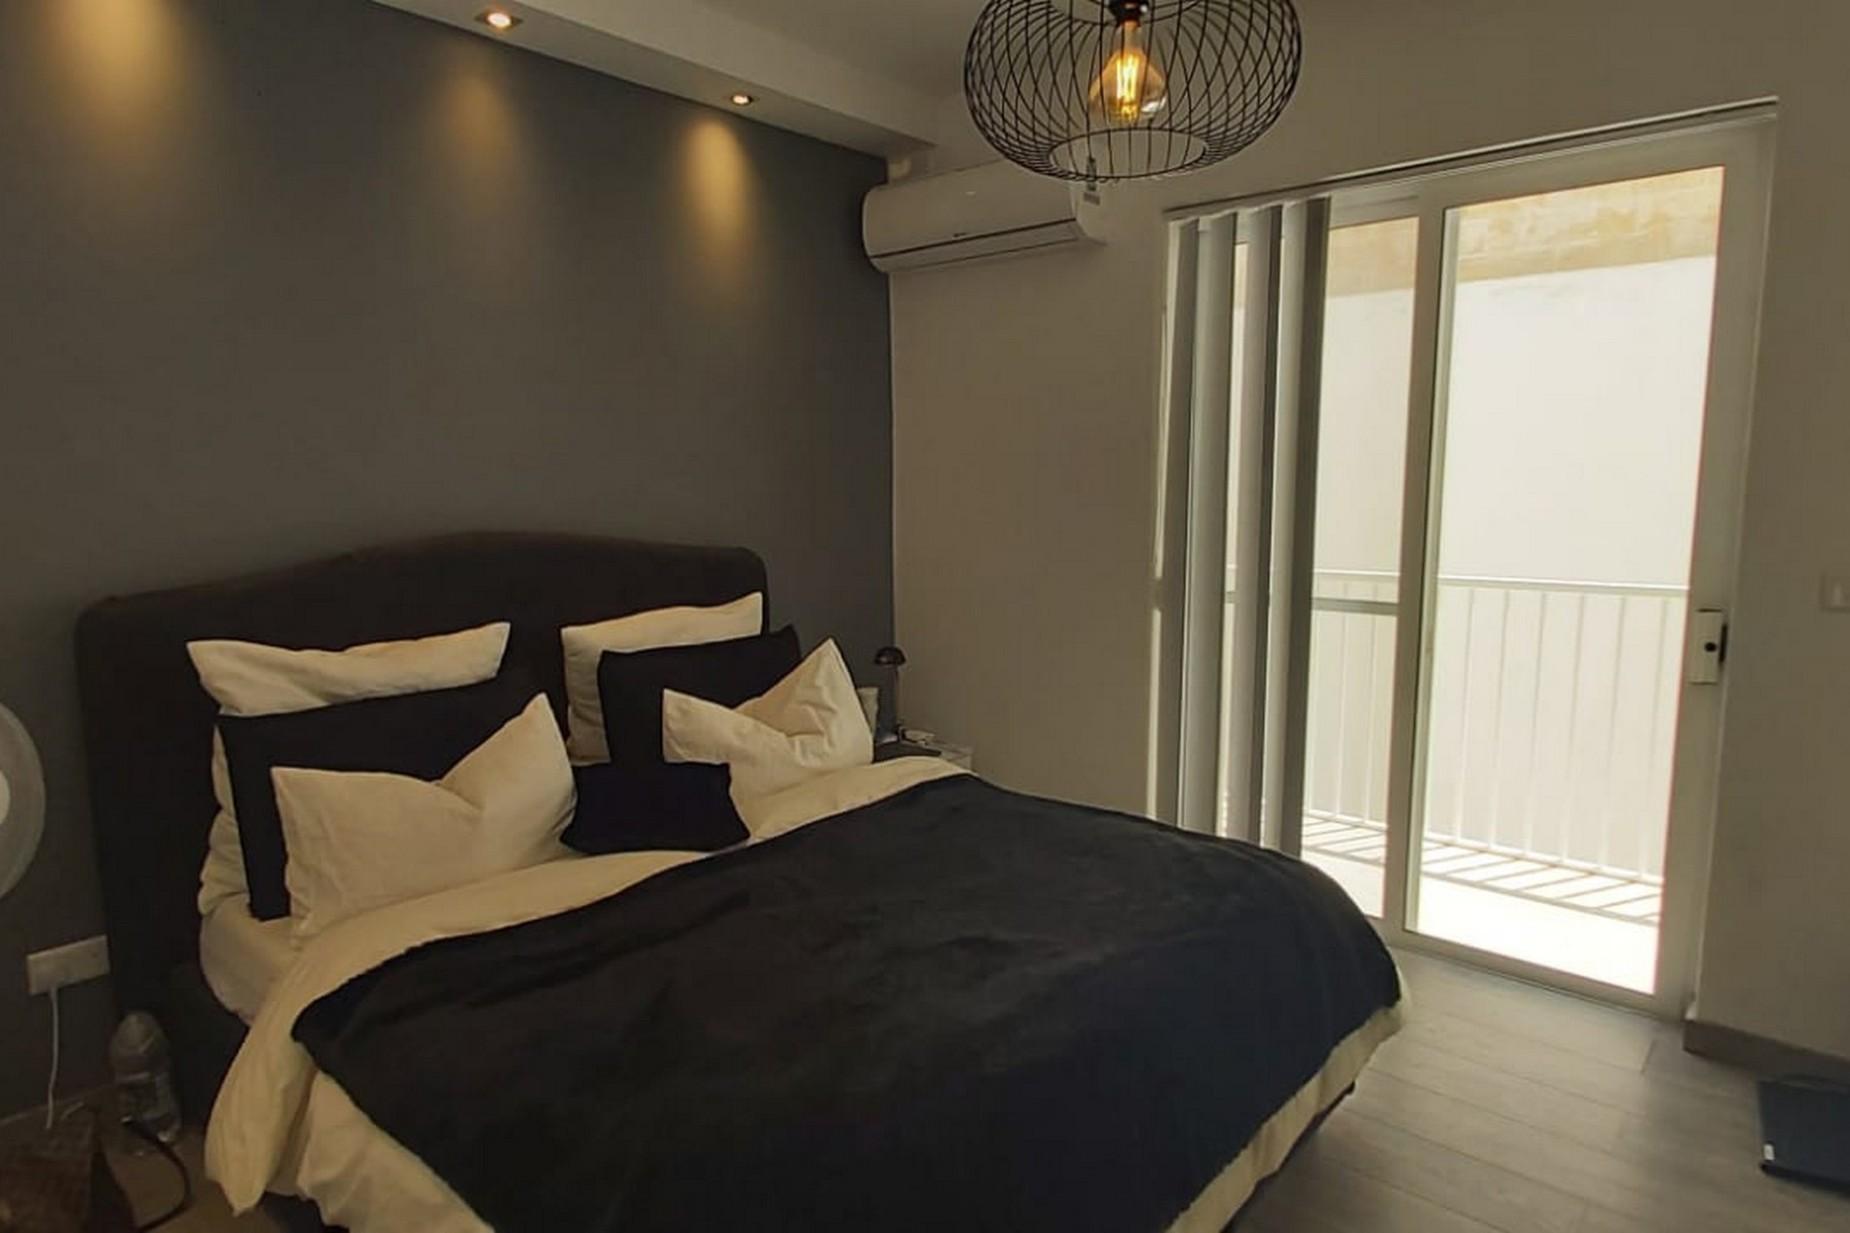 4 bed Apartment For Sale in Santa Venera, Santa Venera - thumb 8